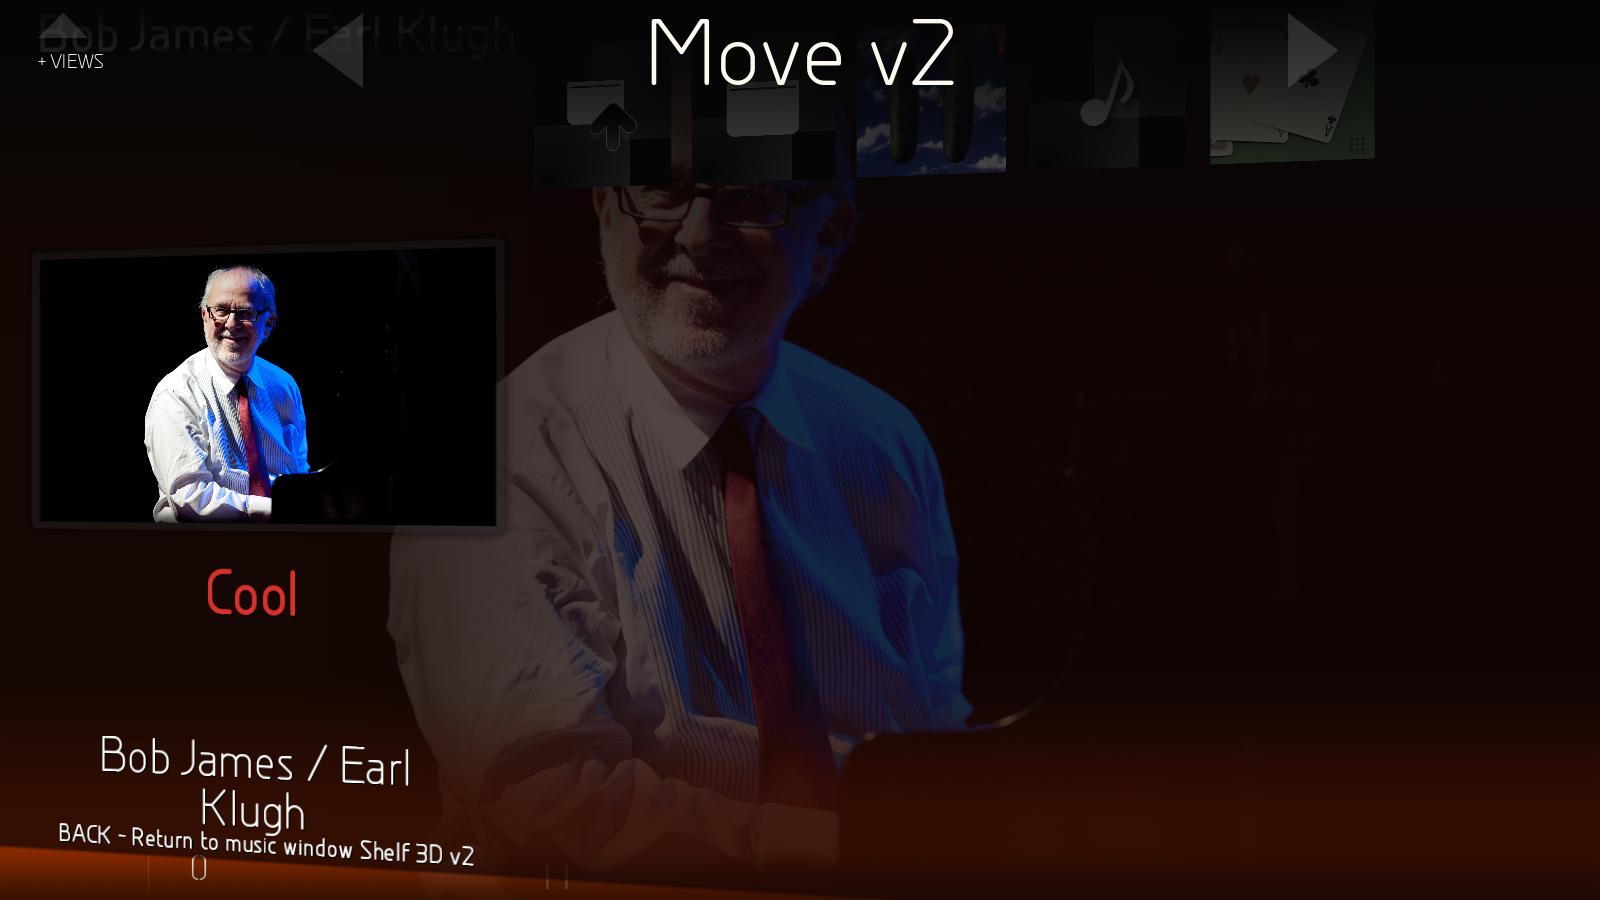 [Image: Shelf3Dm_move_v2.png]